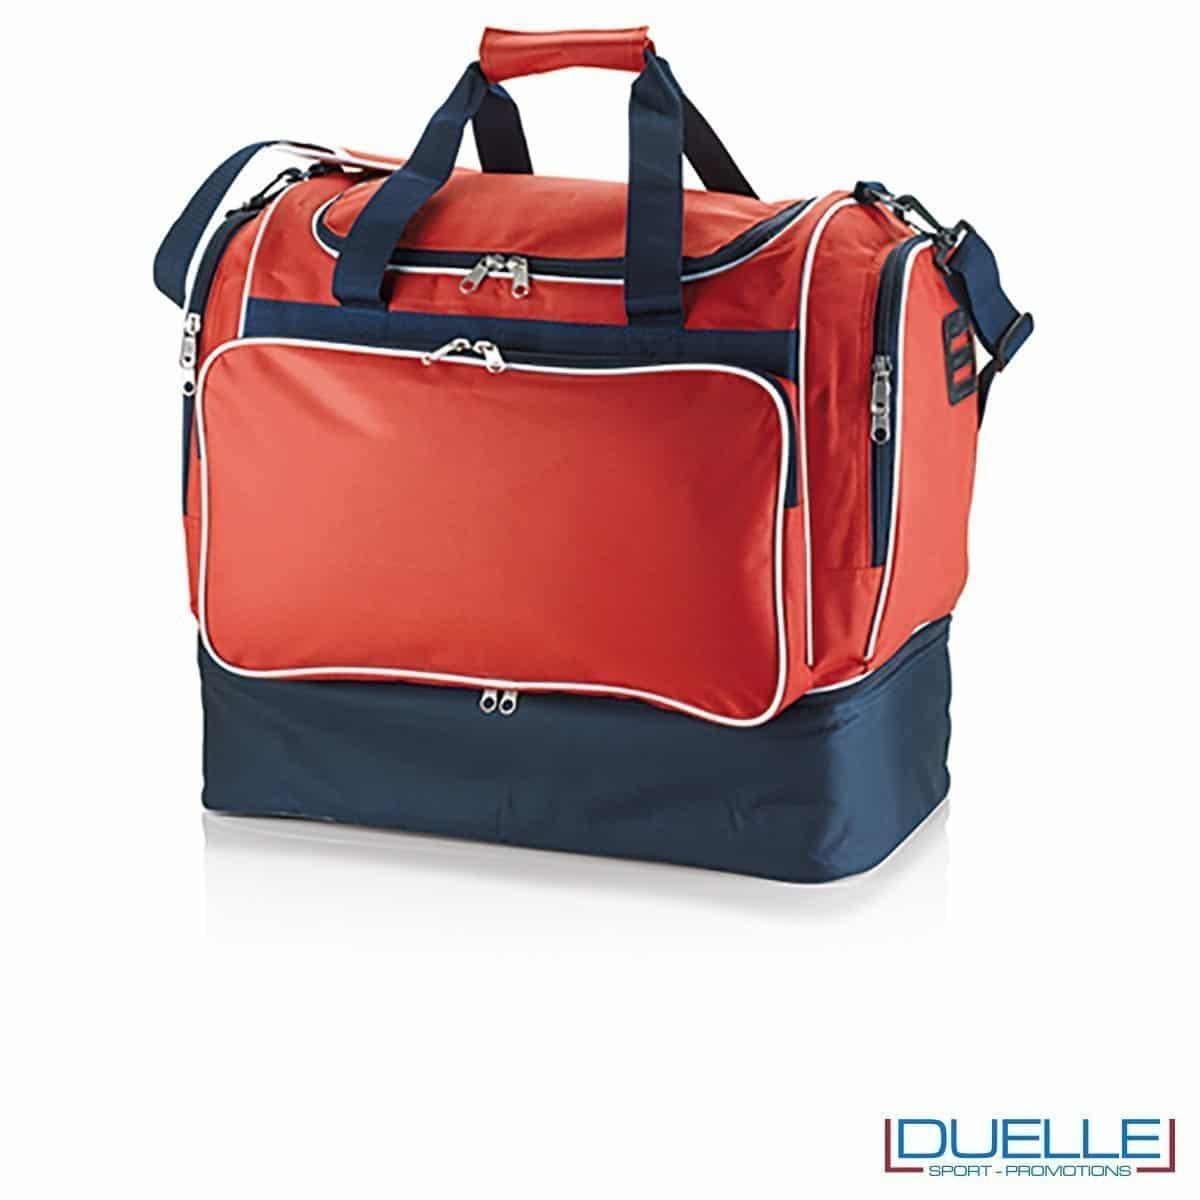 borsone calcio personalizzato colore rosso, borsoni calcio promozionali personalizzabili rossi